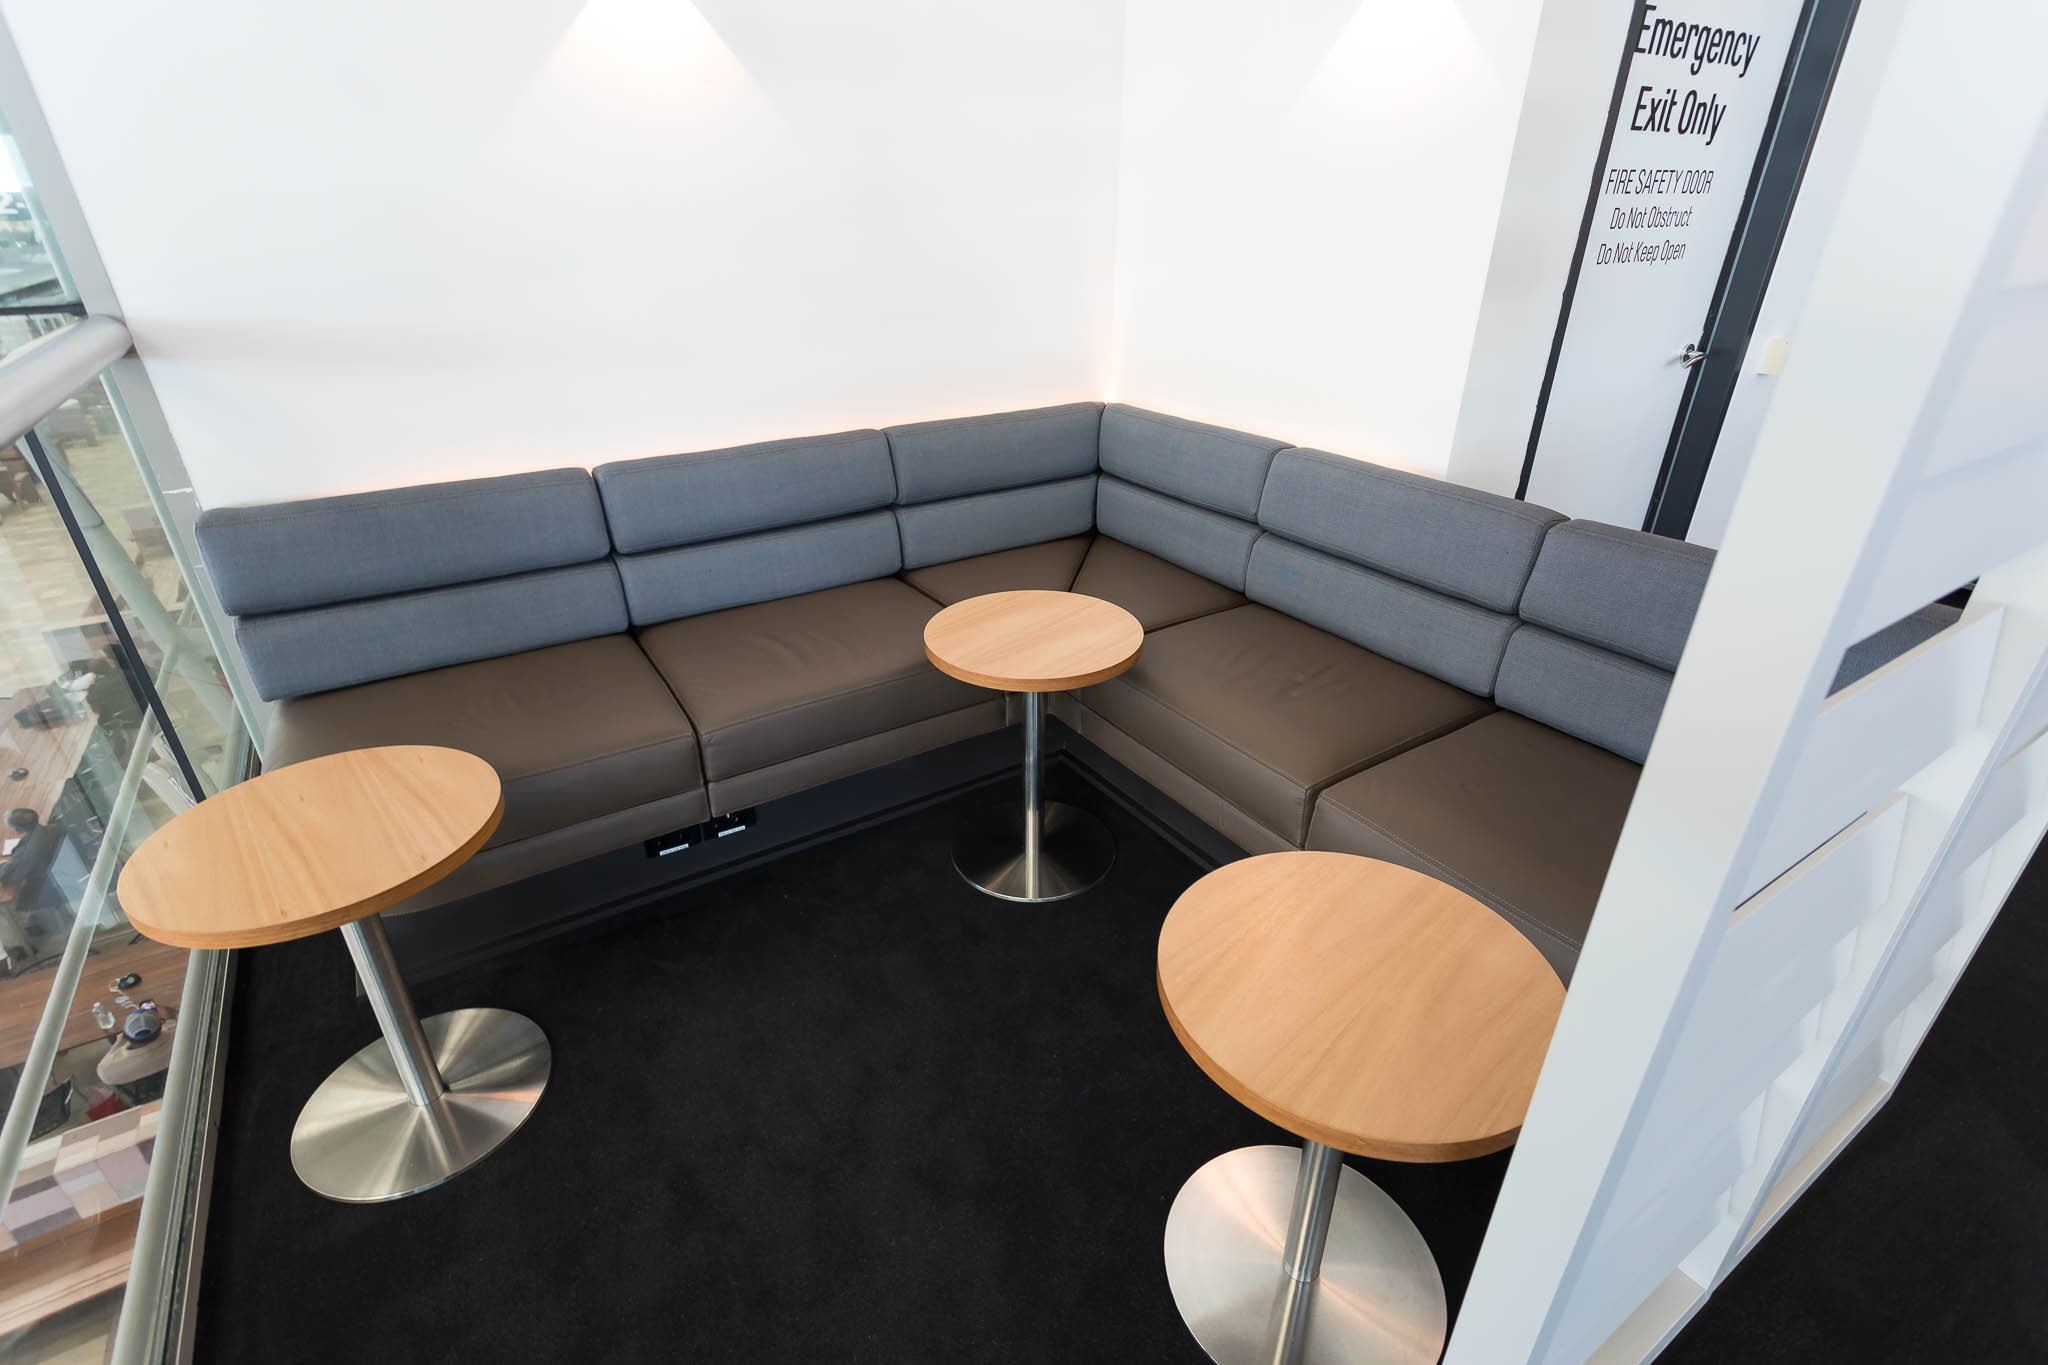 Qantas Brisbane International Lounge Seating Area